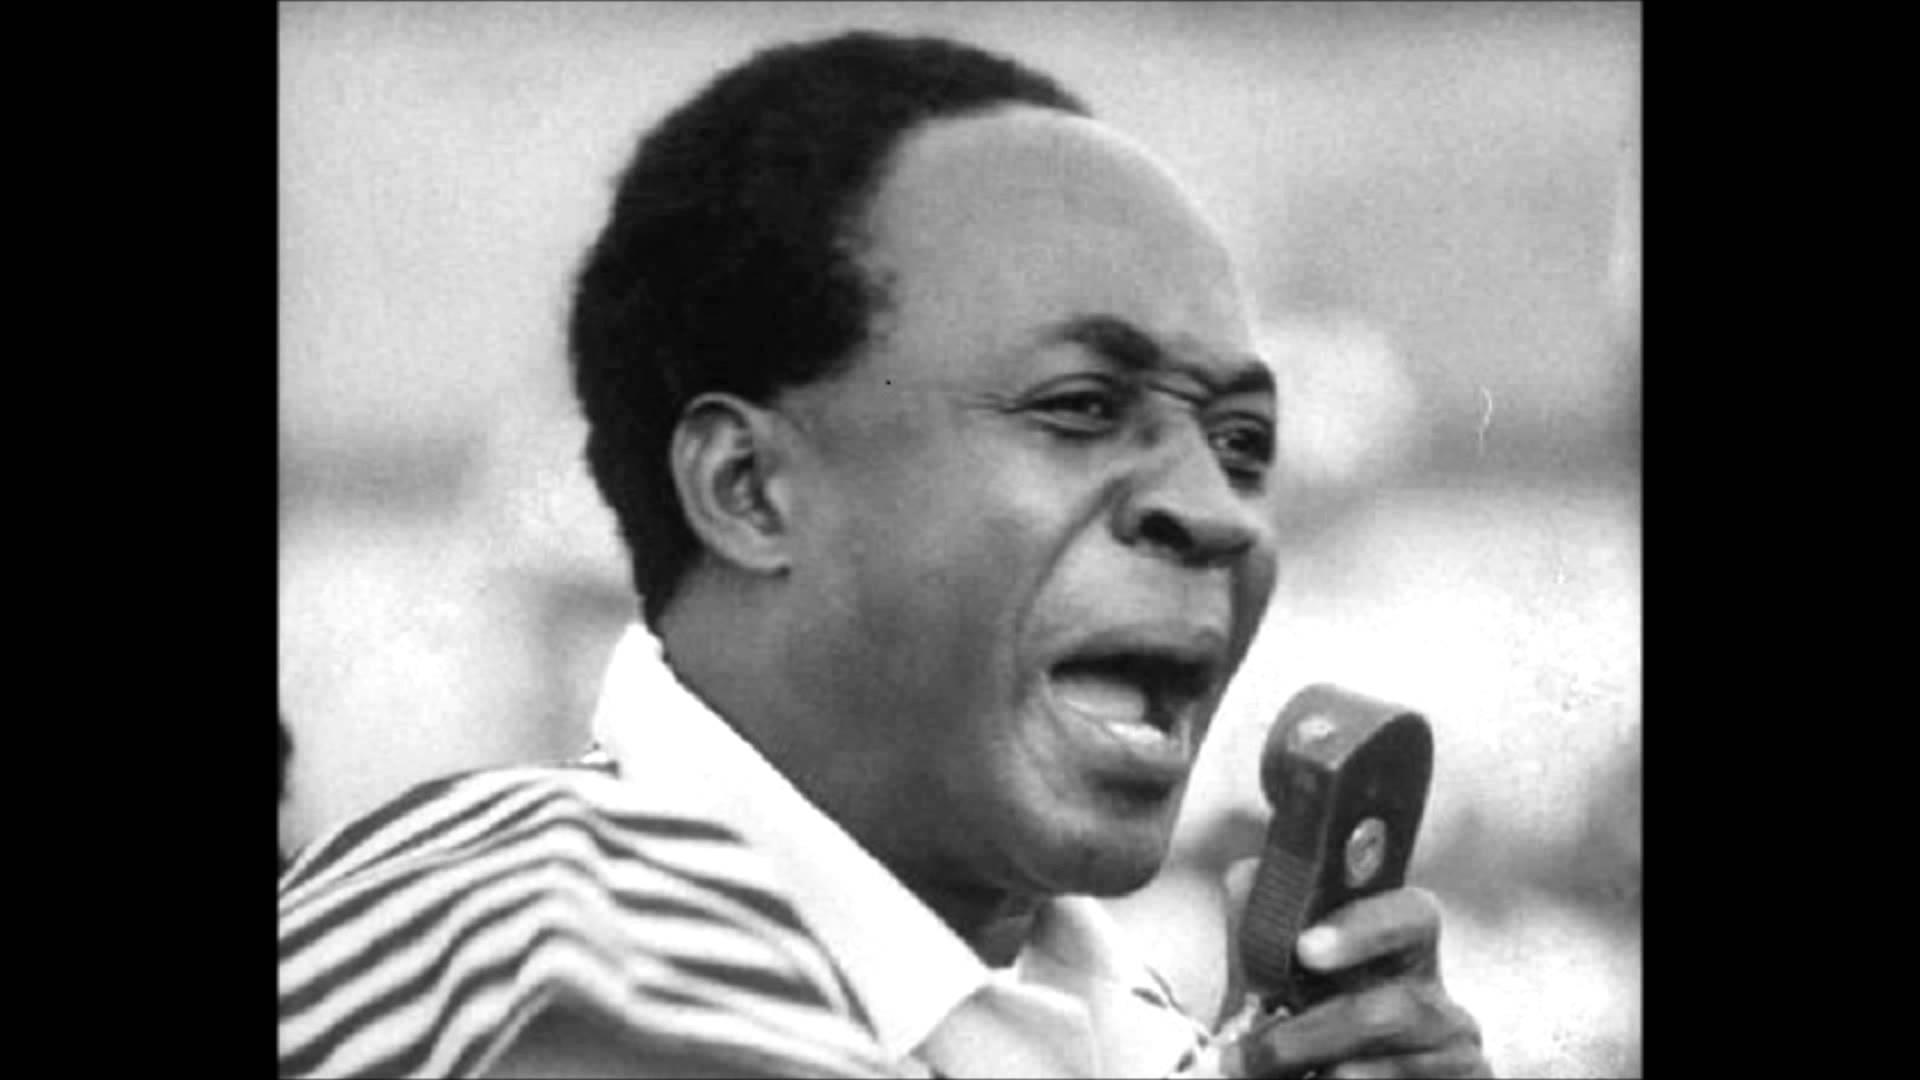 Kwame Nkrumah giving a speech